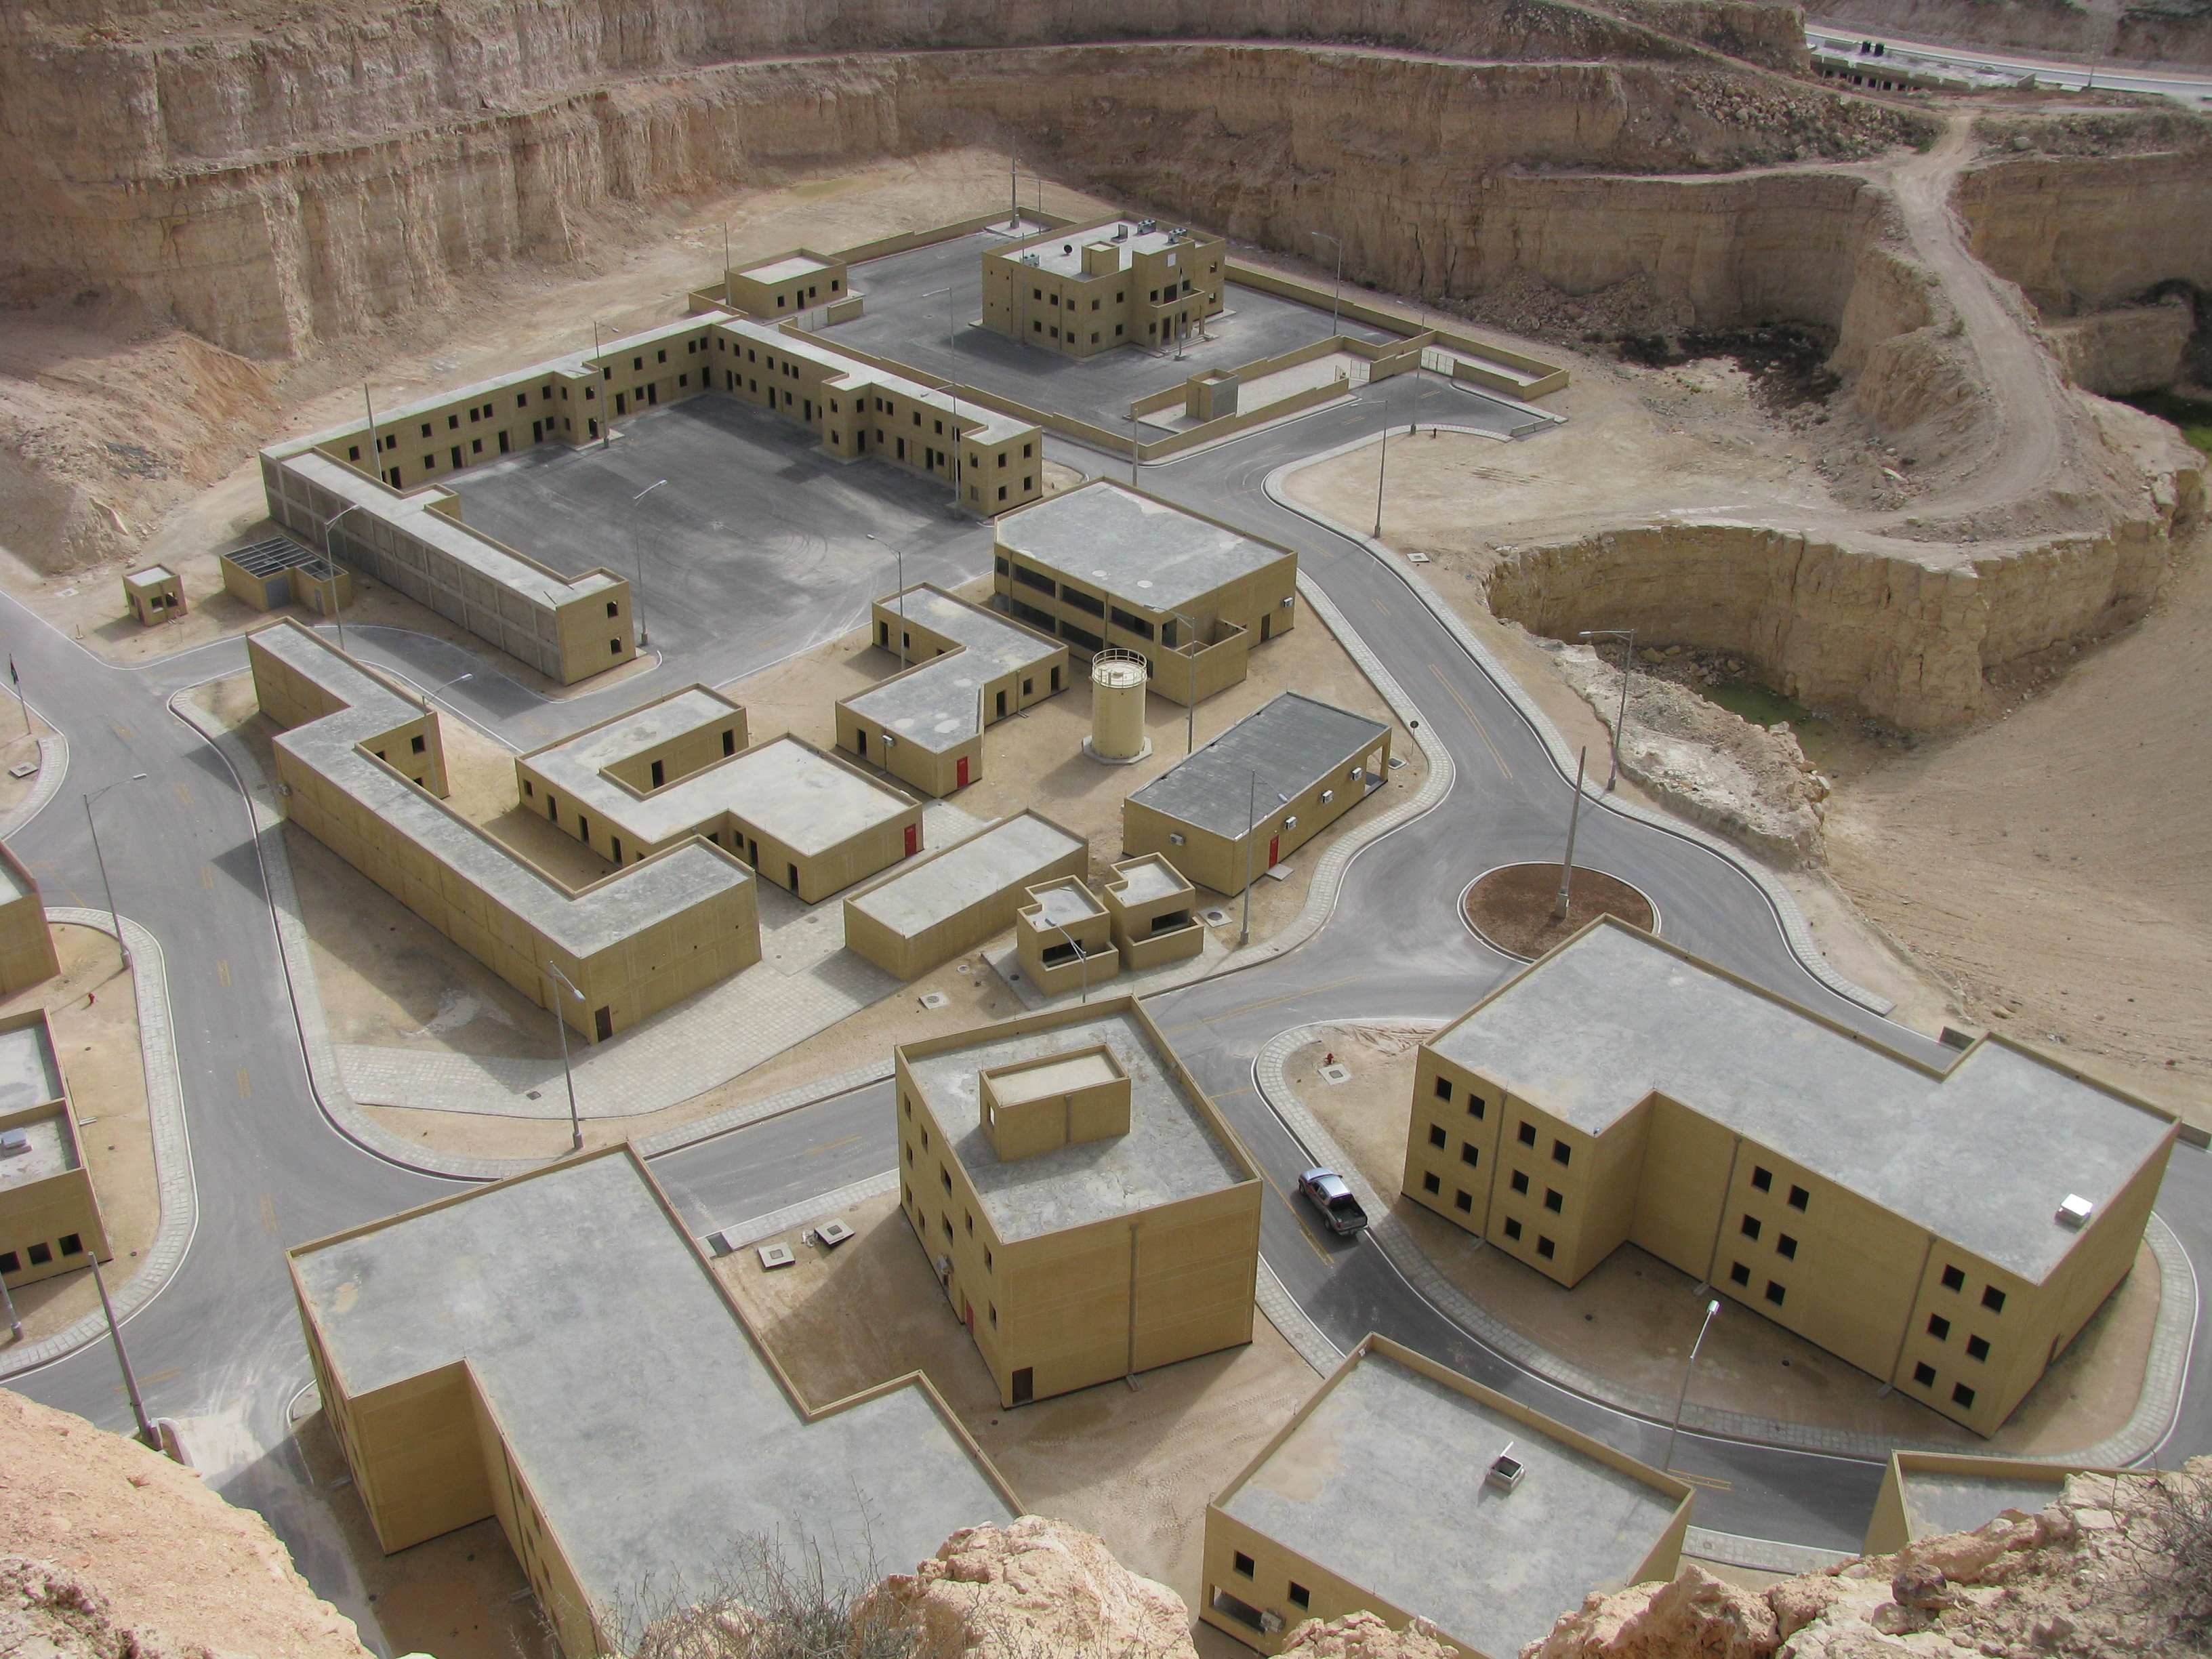 مركز الملك عبدالله الثاني لتدريب العمليات الخاصة Kasotc-mout1